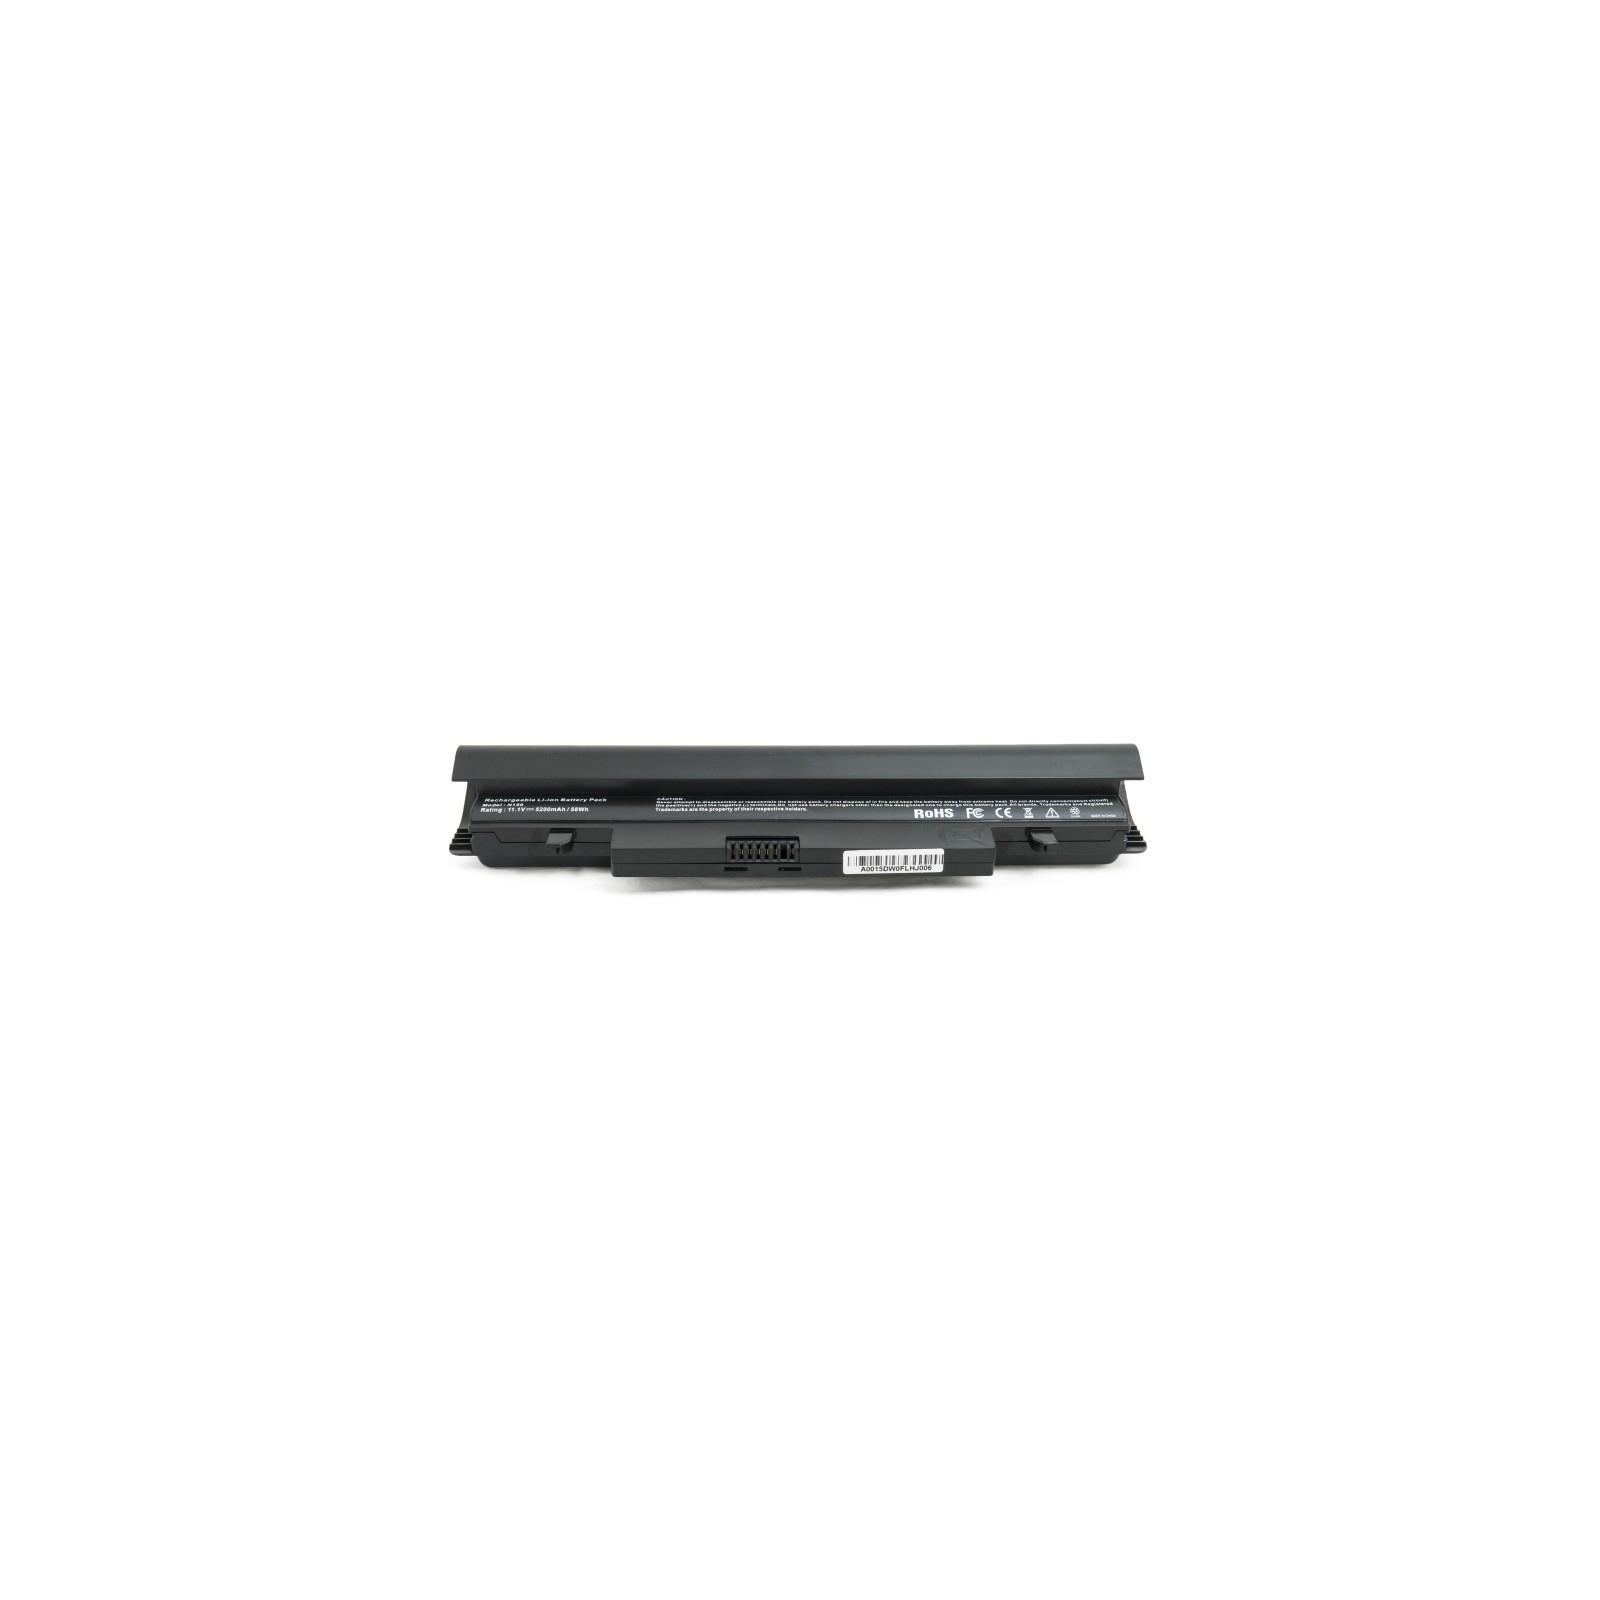 Аккумулятор для ноутбука Samsung NP-N150 (AA-PB2VC6B) 5200 mAh EXTRADIGITAL (BNS3957) изображение 4